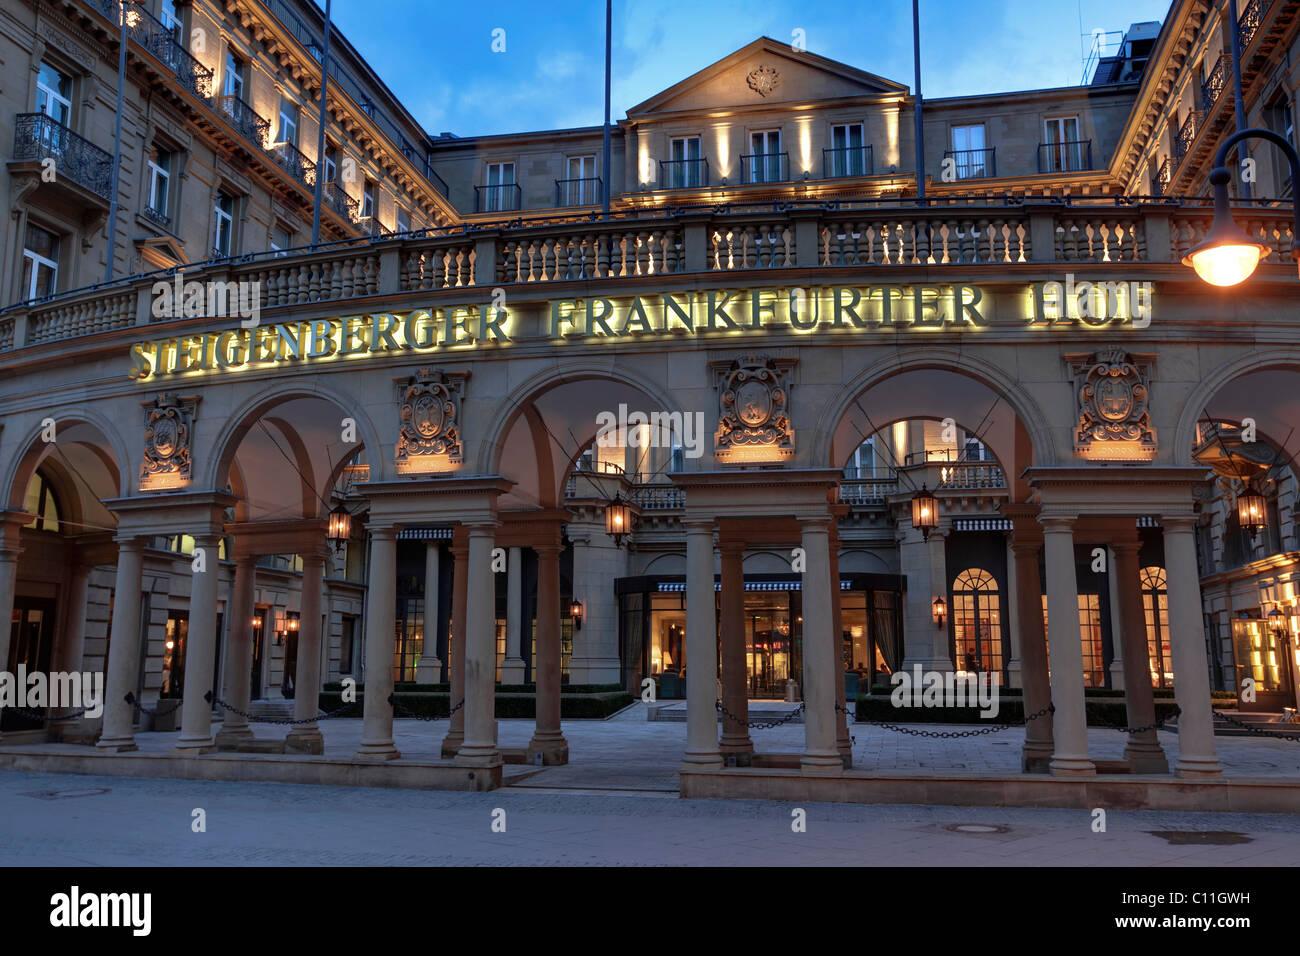 steigenberger frankfurter hof luxus hotel kaiserstra e. Black Bedroom Furniture Sets. Home Design Ideas